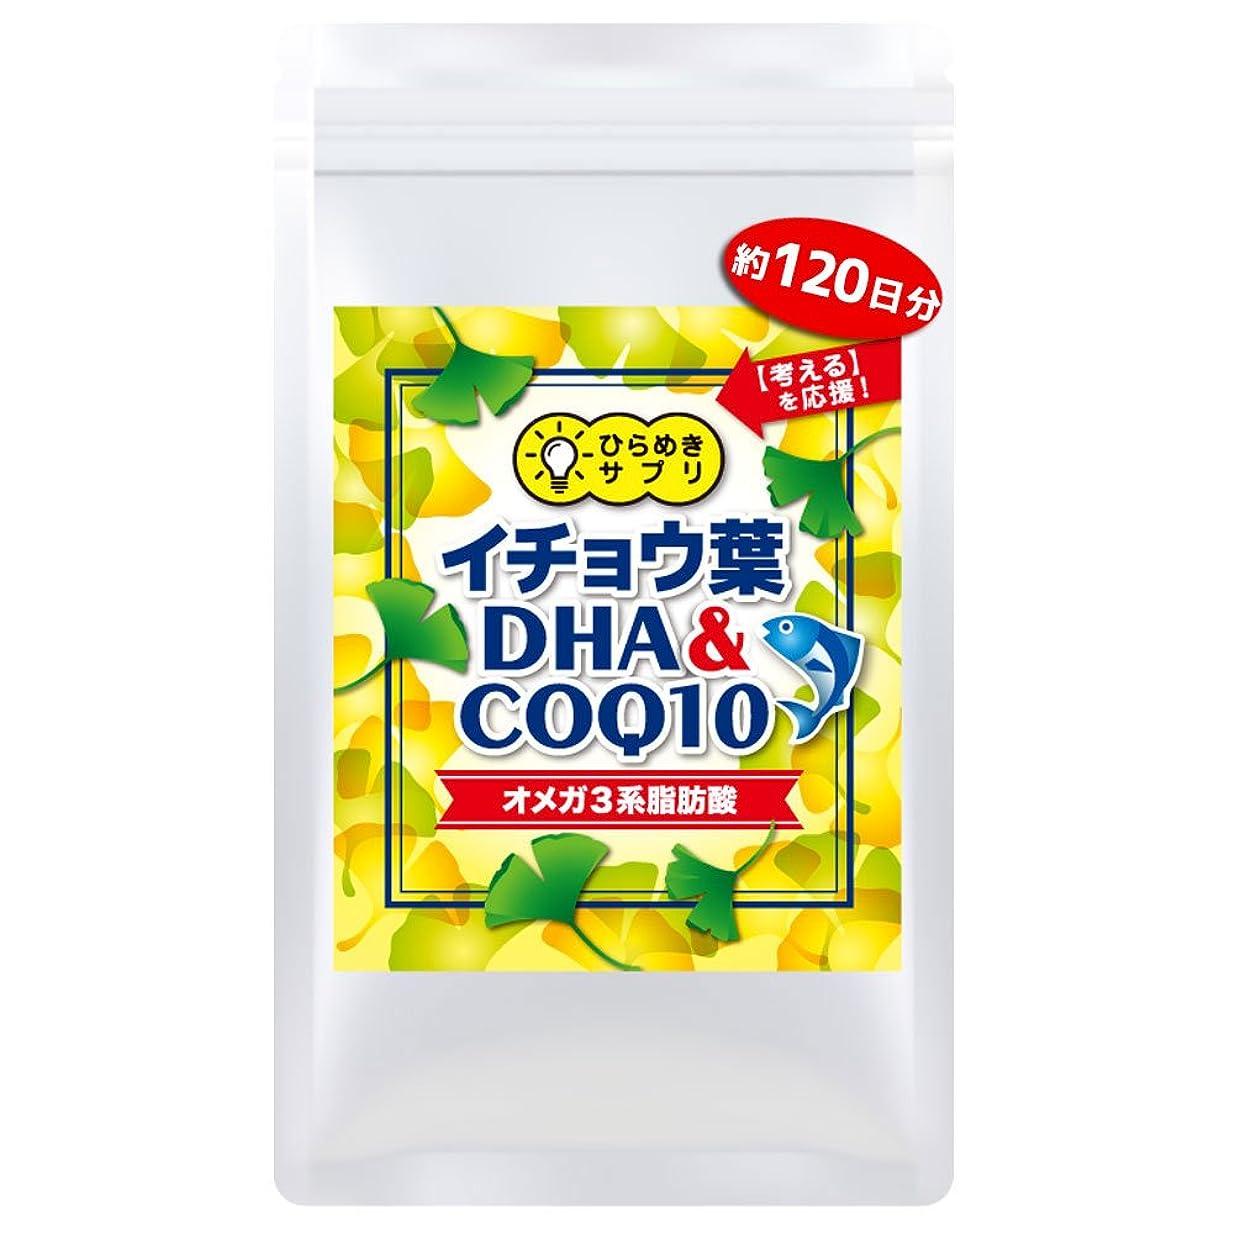 家事をする女優夕暮れイチョウ葉DHA&COQ10 ひらめきサプリ オメガ3系脂肪酸 国内製造 1日1粒目安 徳用 約4か月分